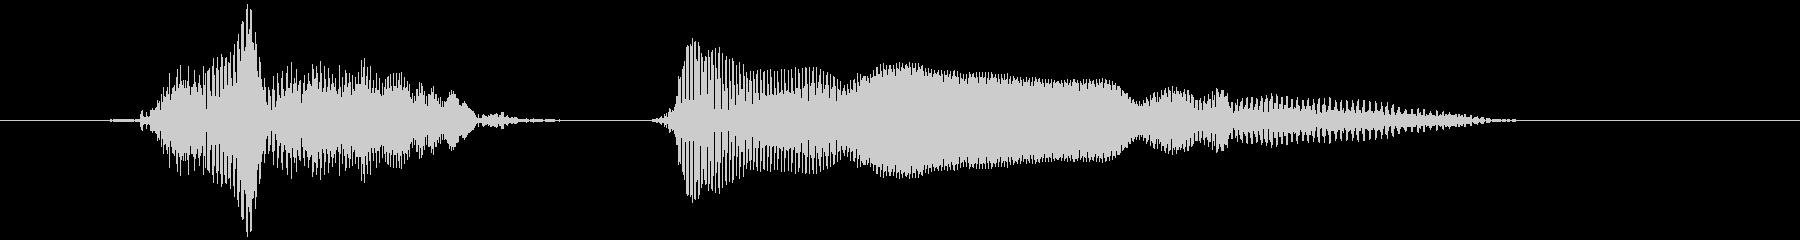 ちょっと〜の未再生の波形